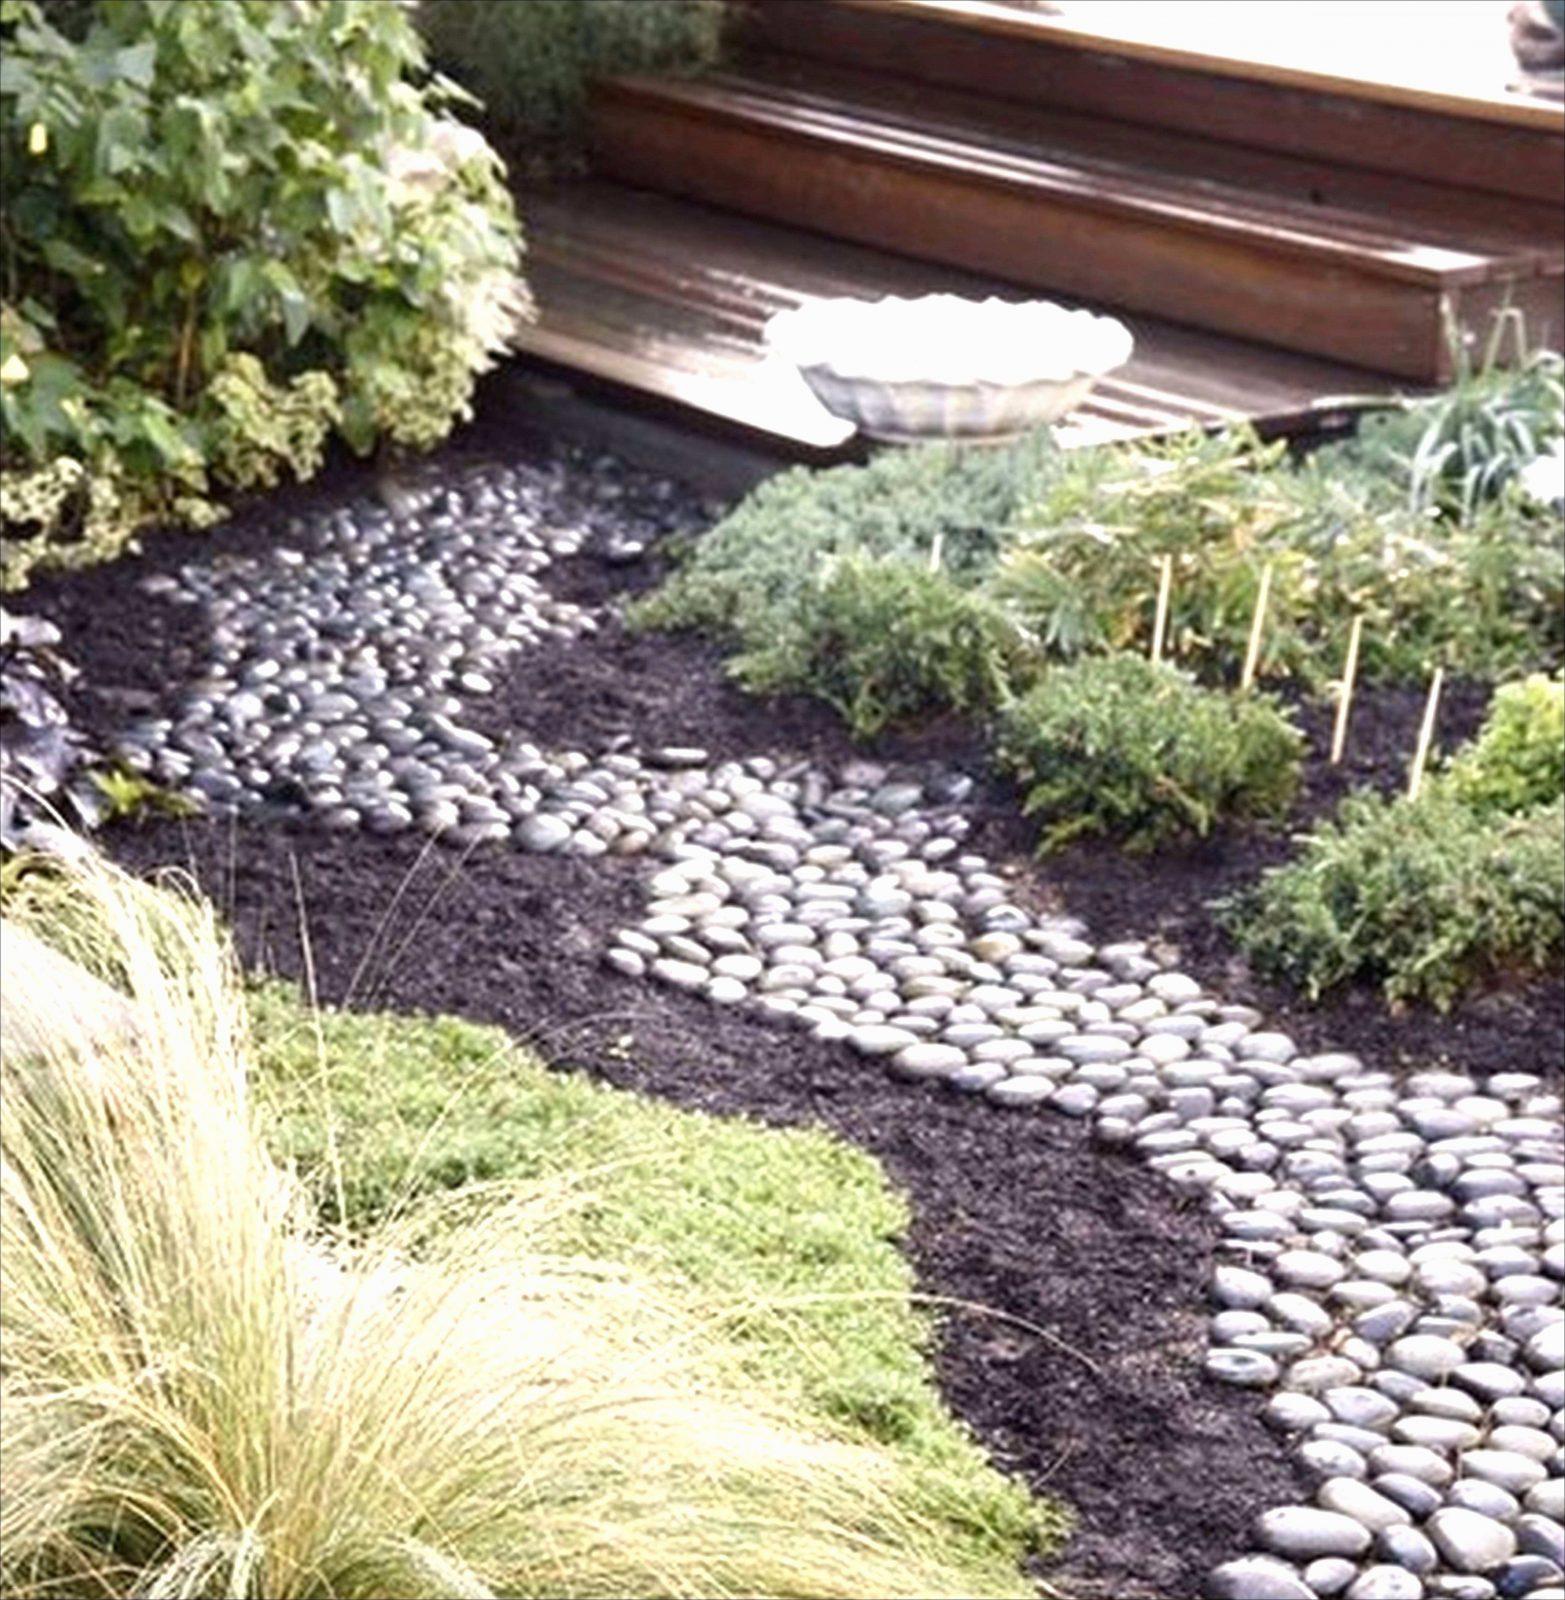 Vorgarten Gestalten Mit Kies Abbild Gartengestaltung Mit Steinen Für von Garten Mit Steinen Gestalten Bild